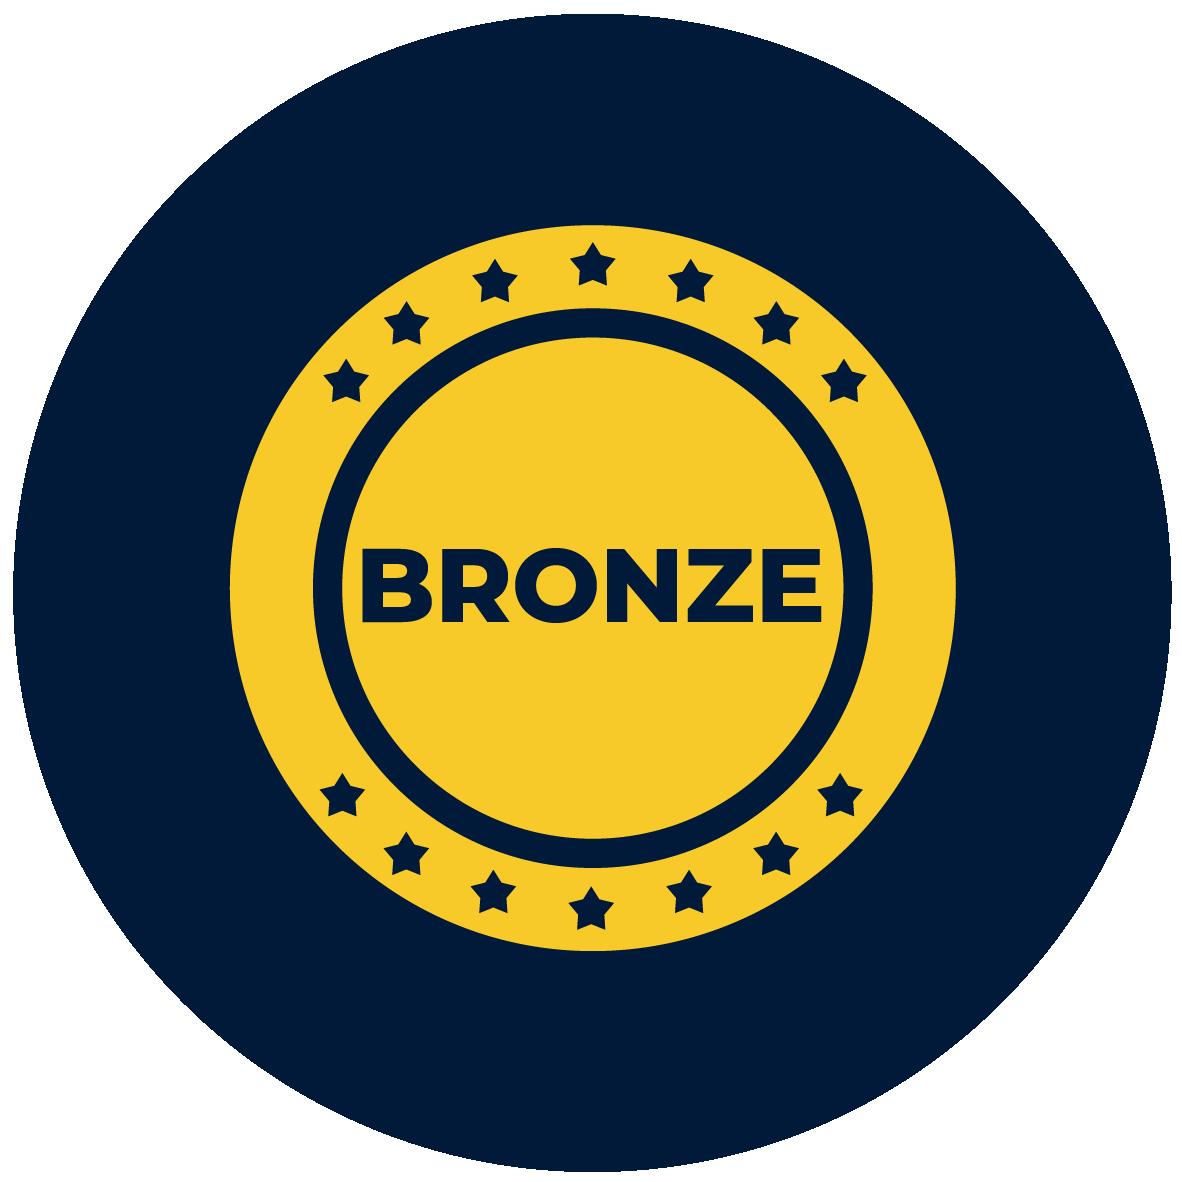 bronze coin icon